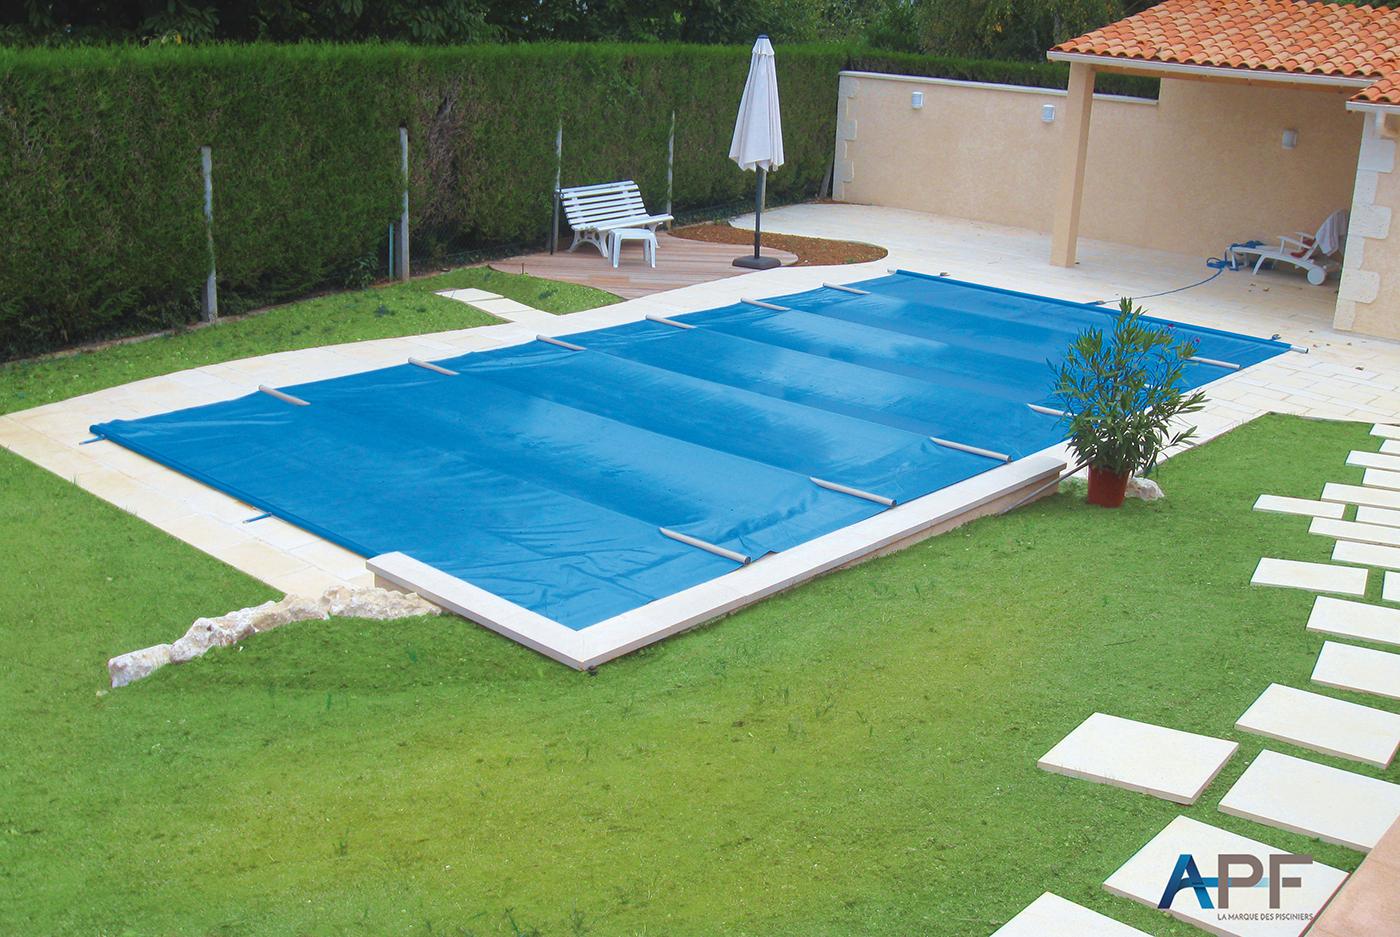 Apf - Nos Modèles De Couvertures À Barres Securit Pool Pour ... à Bache Piscine A Barre